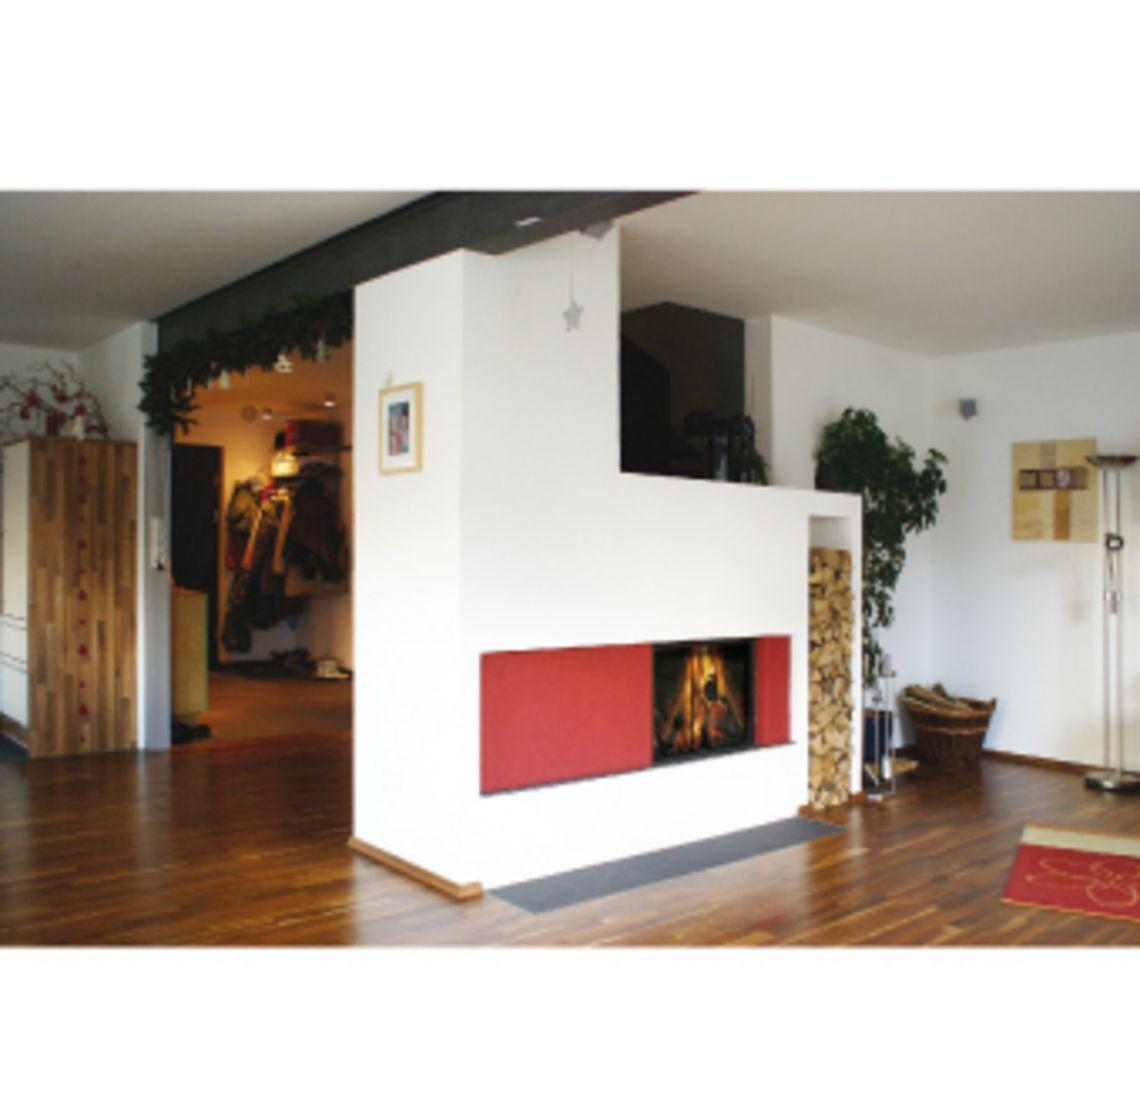 Full Size of Holzlege Bauen Ofenbausatz Sie Sich Ihren Eigenen Ofen Einbauküche Selber Velux Fenster Einbauen Bodengleiche Dusche Nachträglich Regale Kopfteil Bett Wohnzimmer Holzlege Bauen